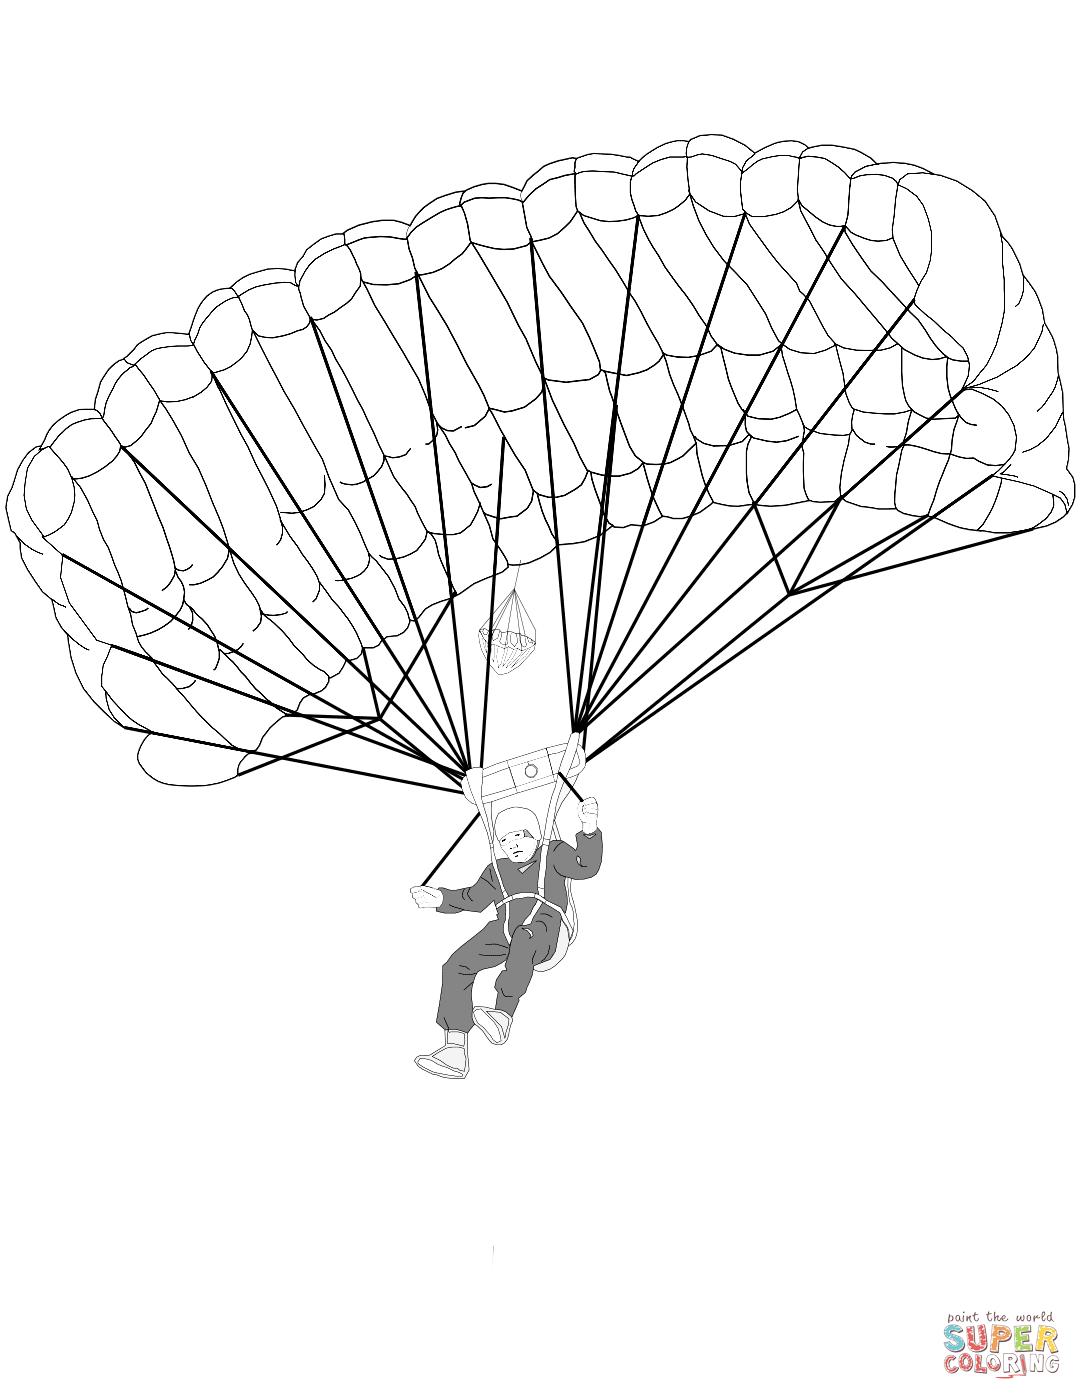 Paginas Militares Para Colorear Para Imprimir Dibujos De Militar Para Colorear Paginas Imprimir Y On Uniformes Para Colorear Y Juegos Los Peques